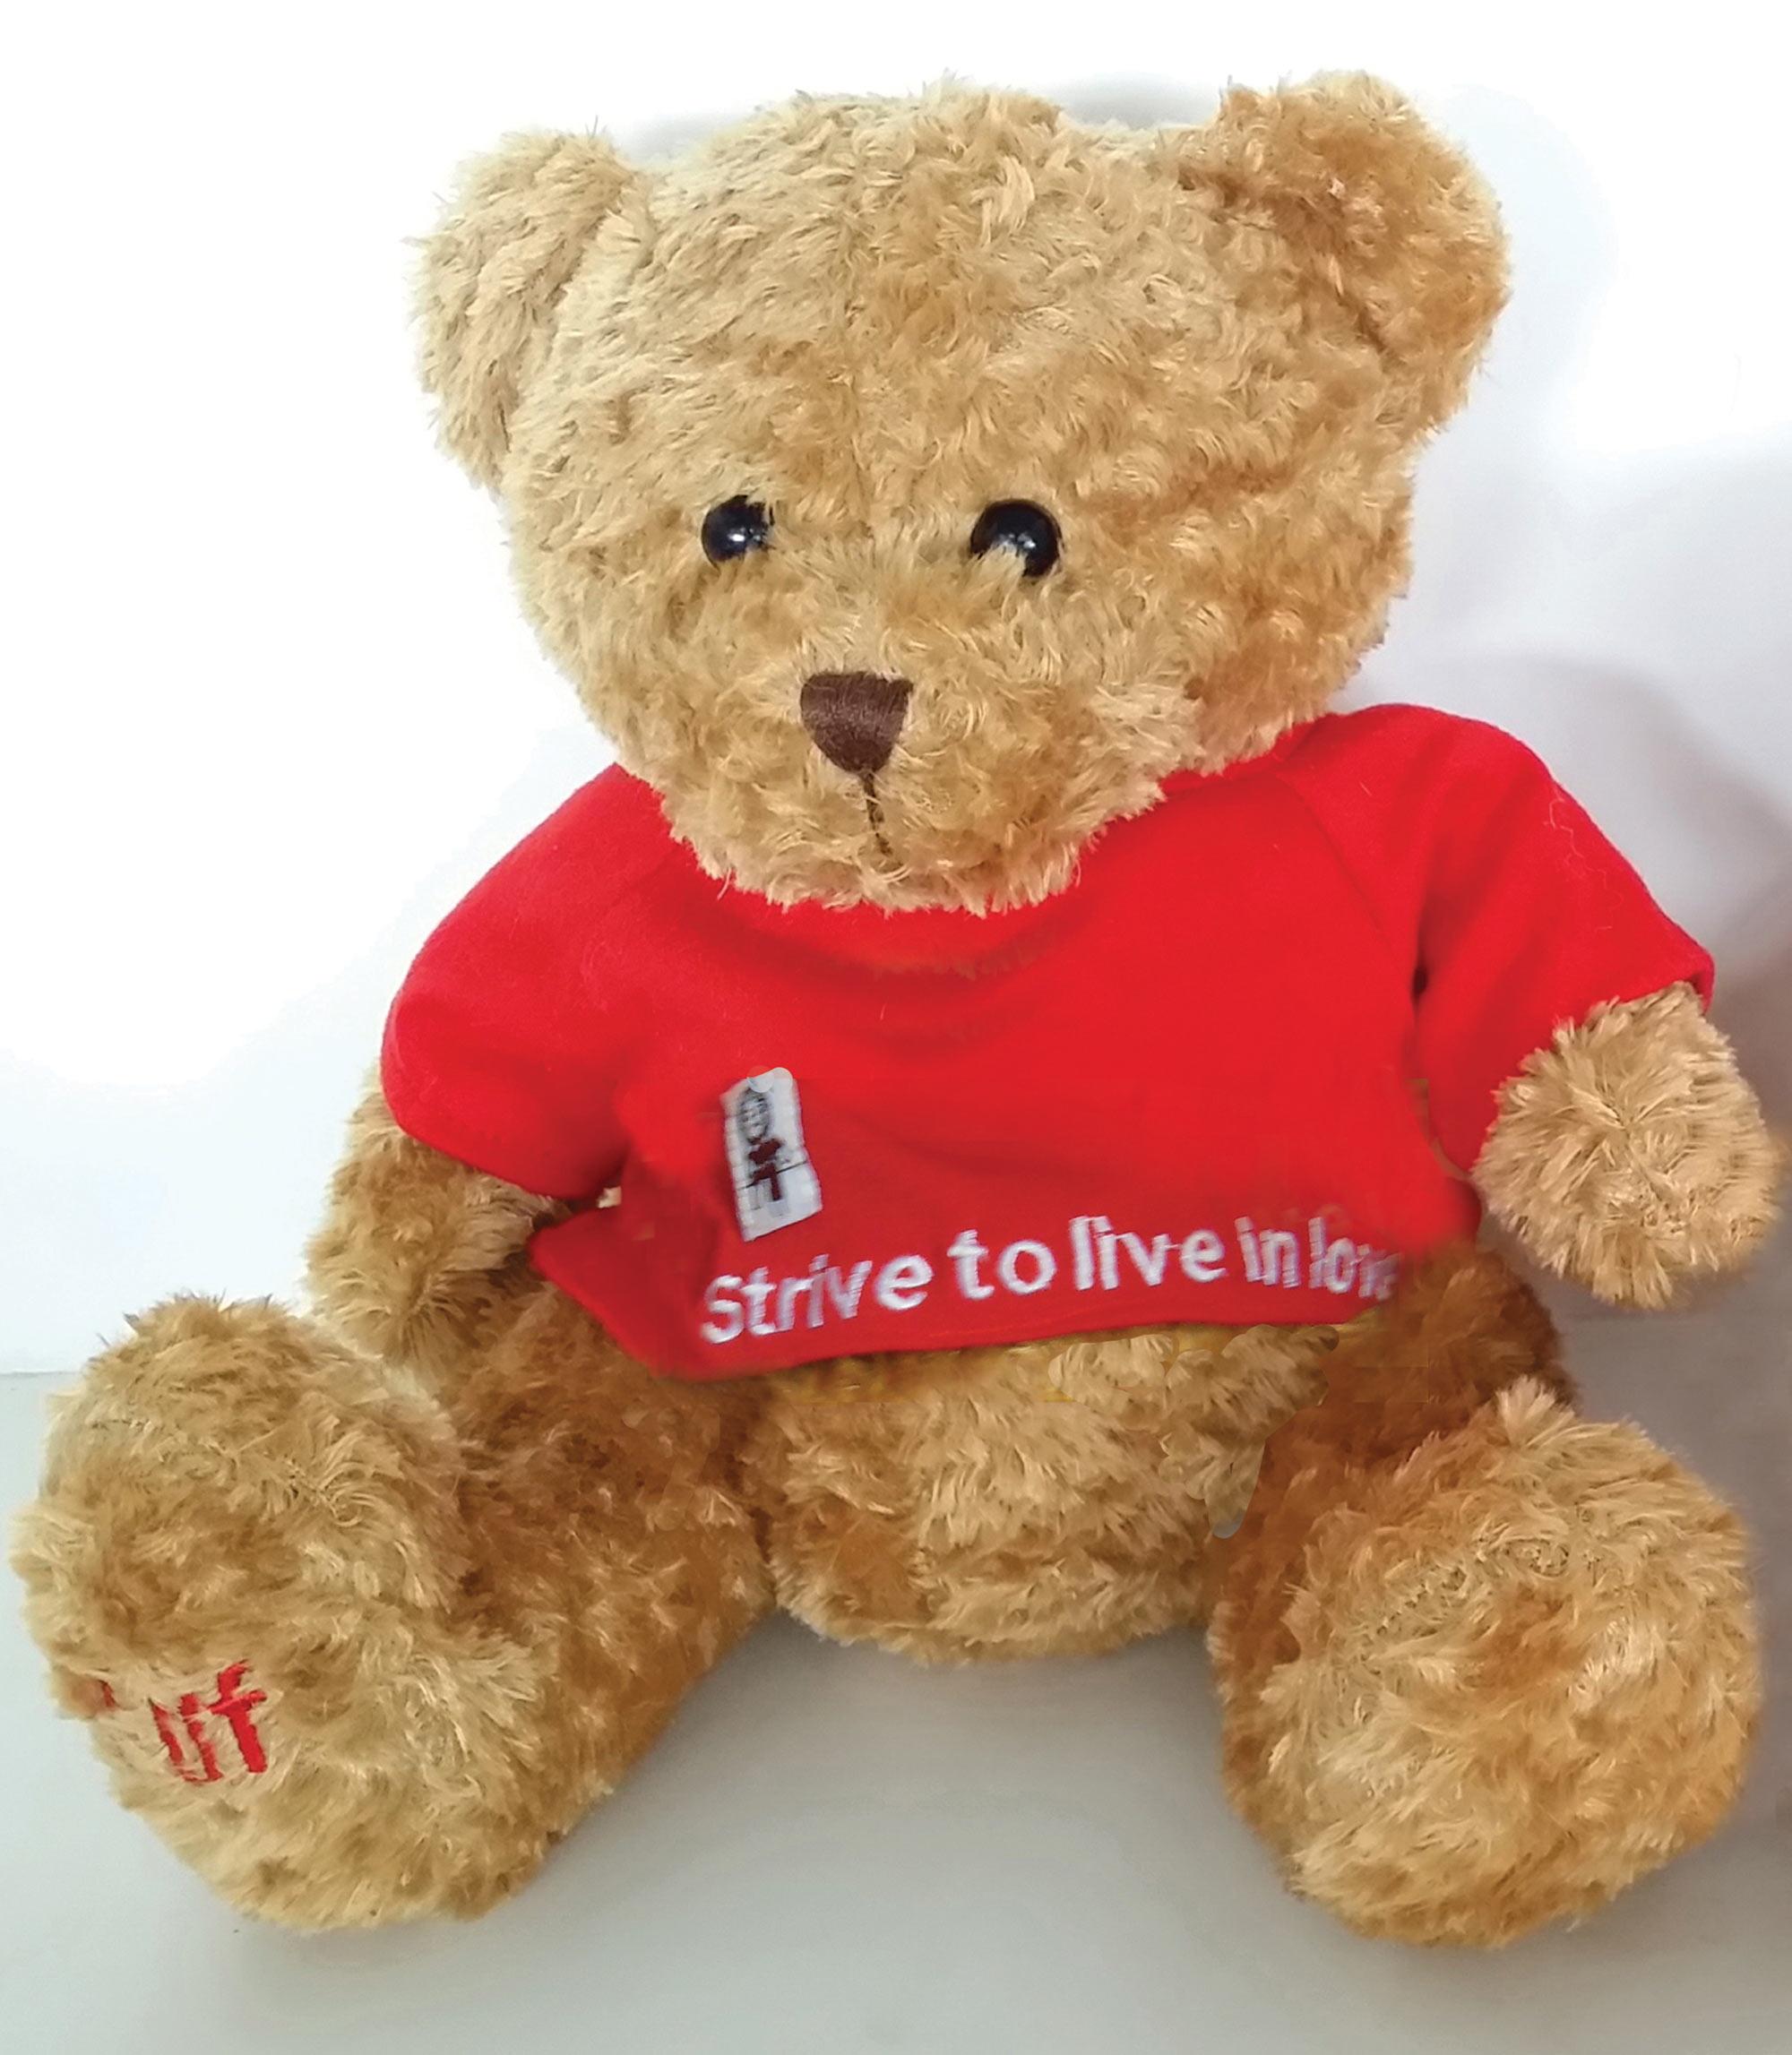 A Little Lifetime Foundation Teddy